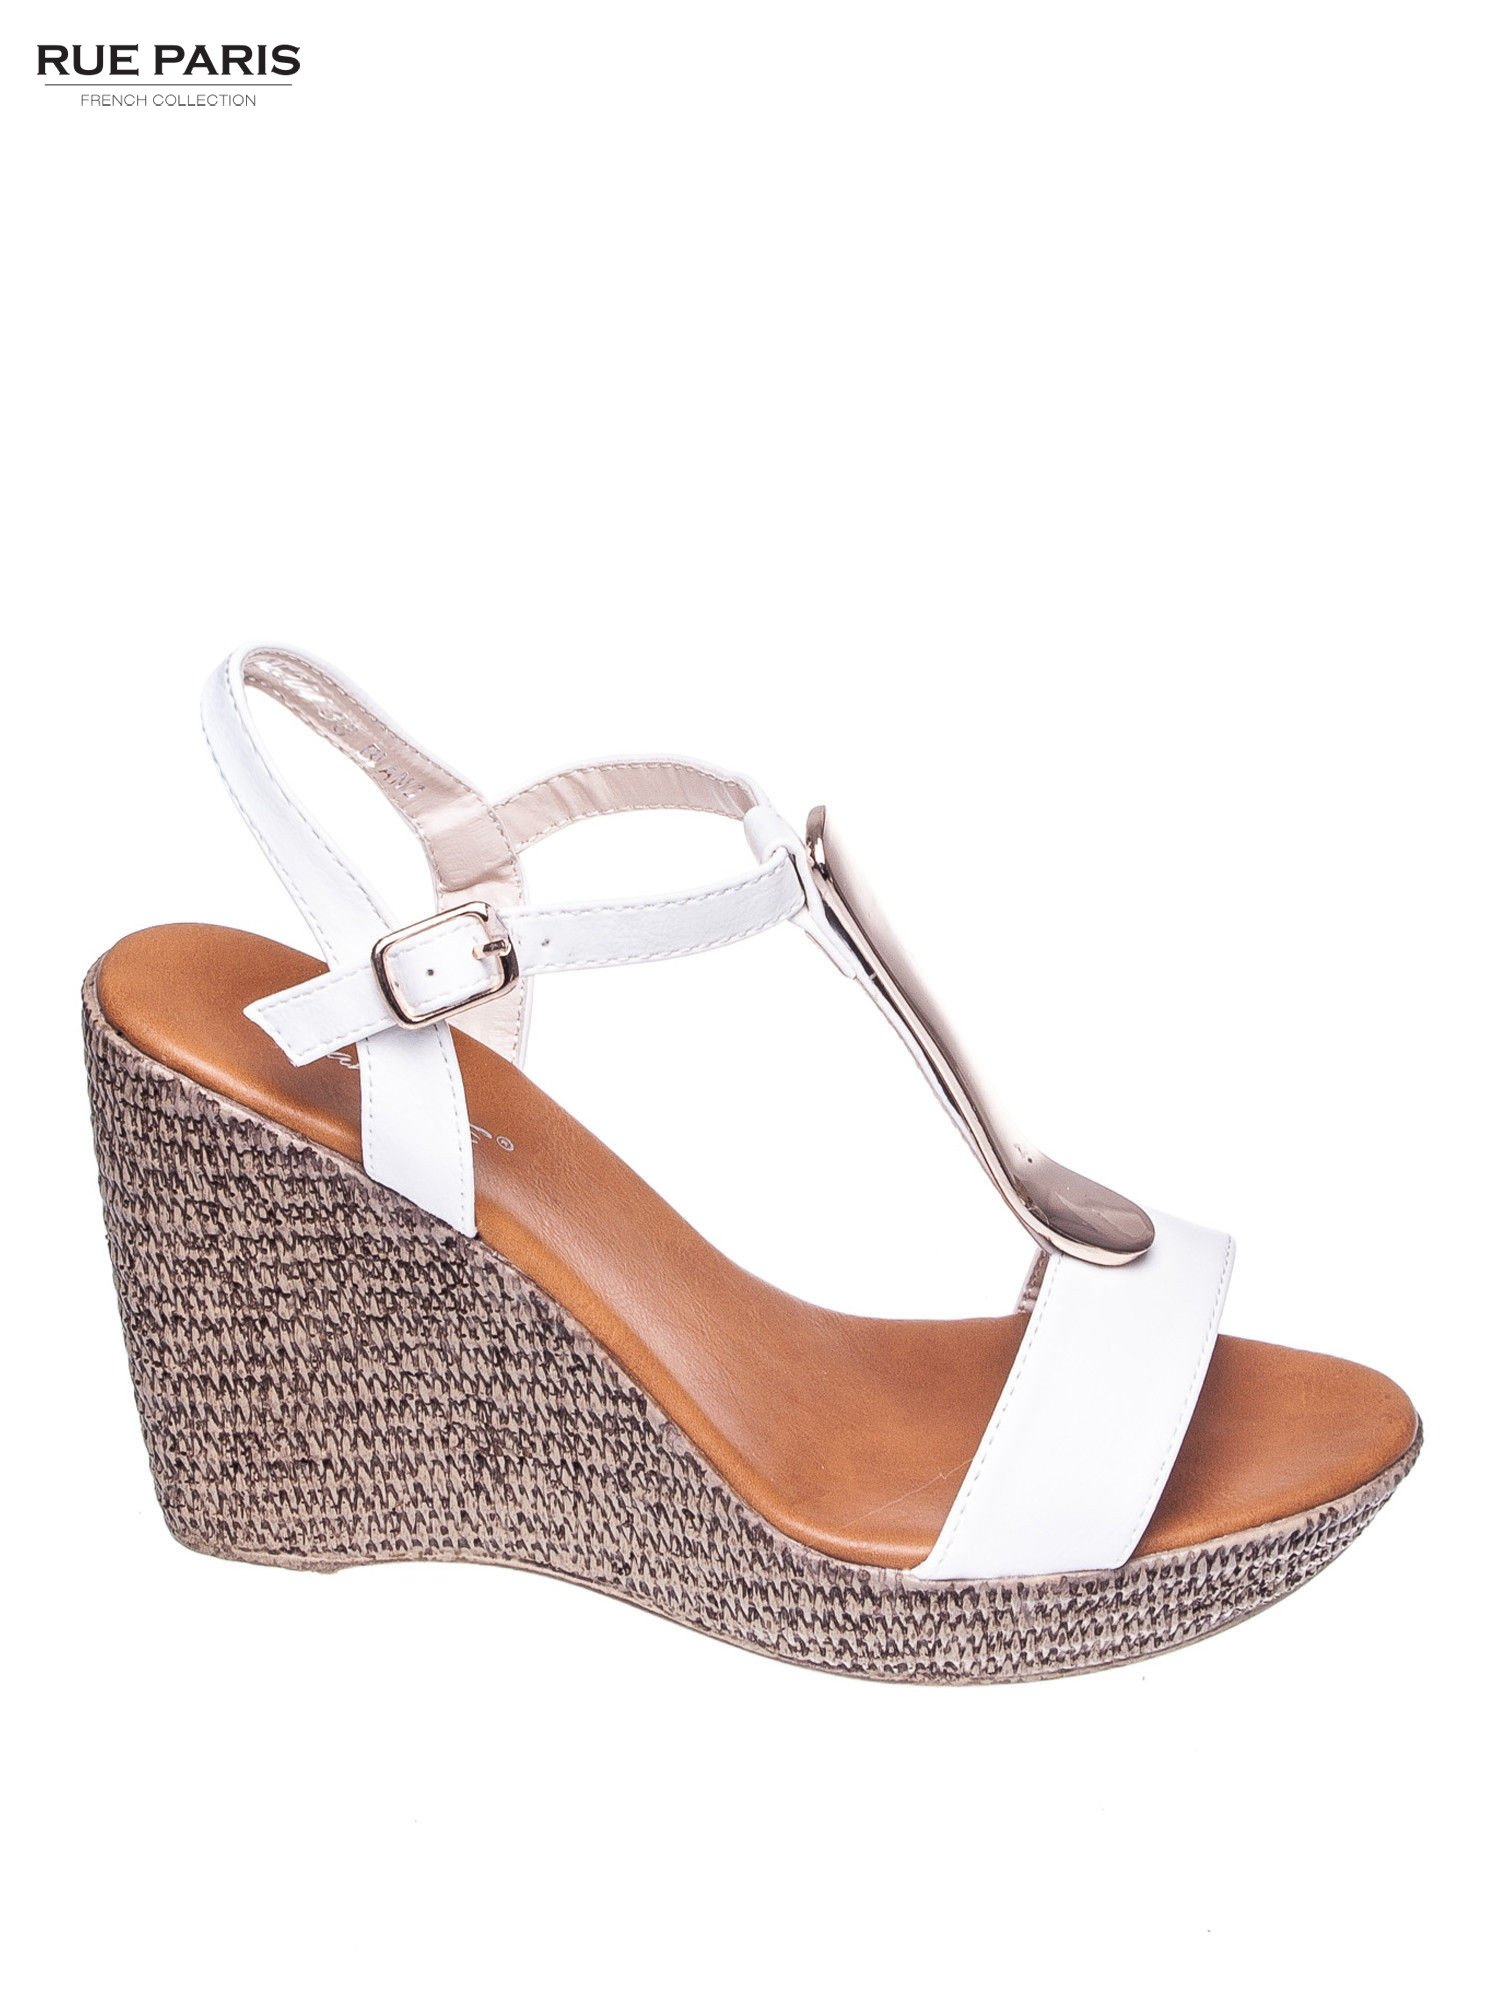 Białe letnie sandały t-bary na koturnie                                  zdj.                                  1